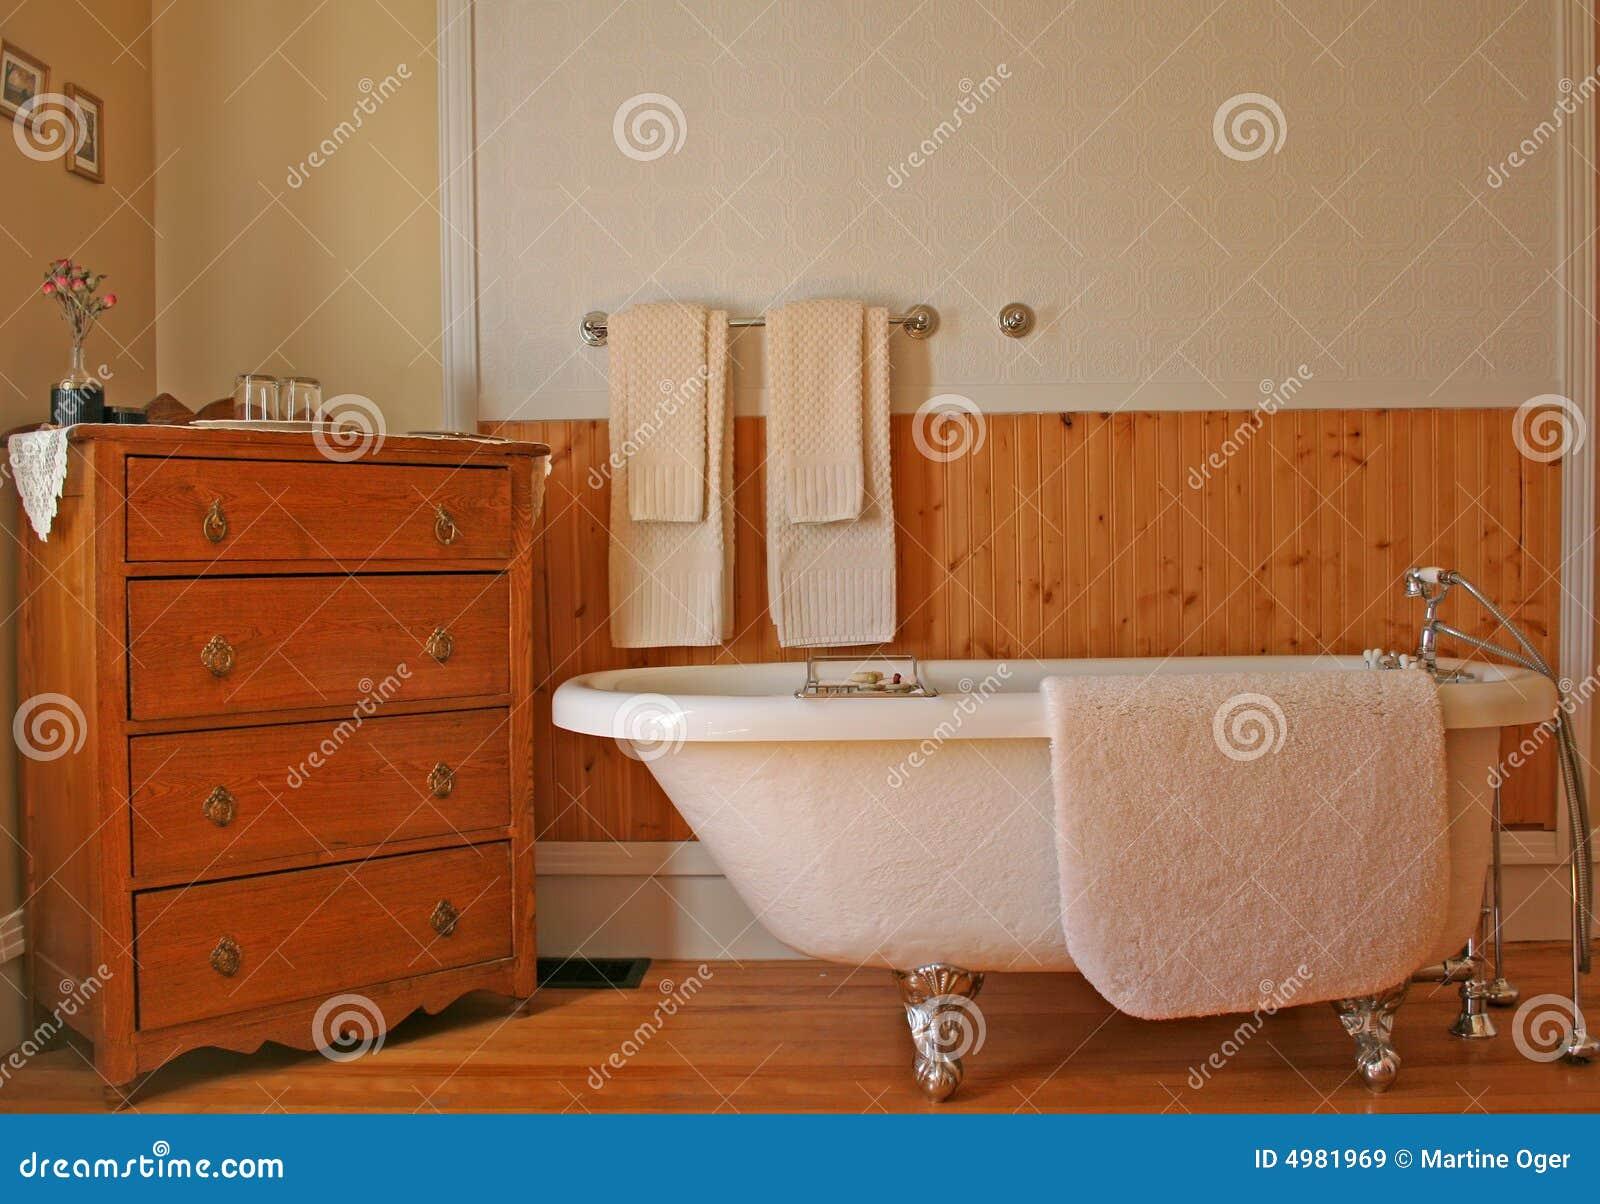 Estilo Retro Do Banheiro. Imagens de Stock Royalty Free Imagem  #AE4913 1300x995 Banheiro Com Banheira Retro